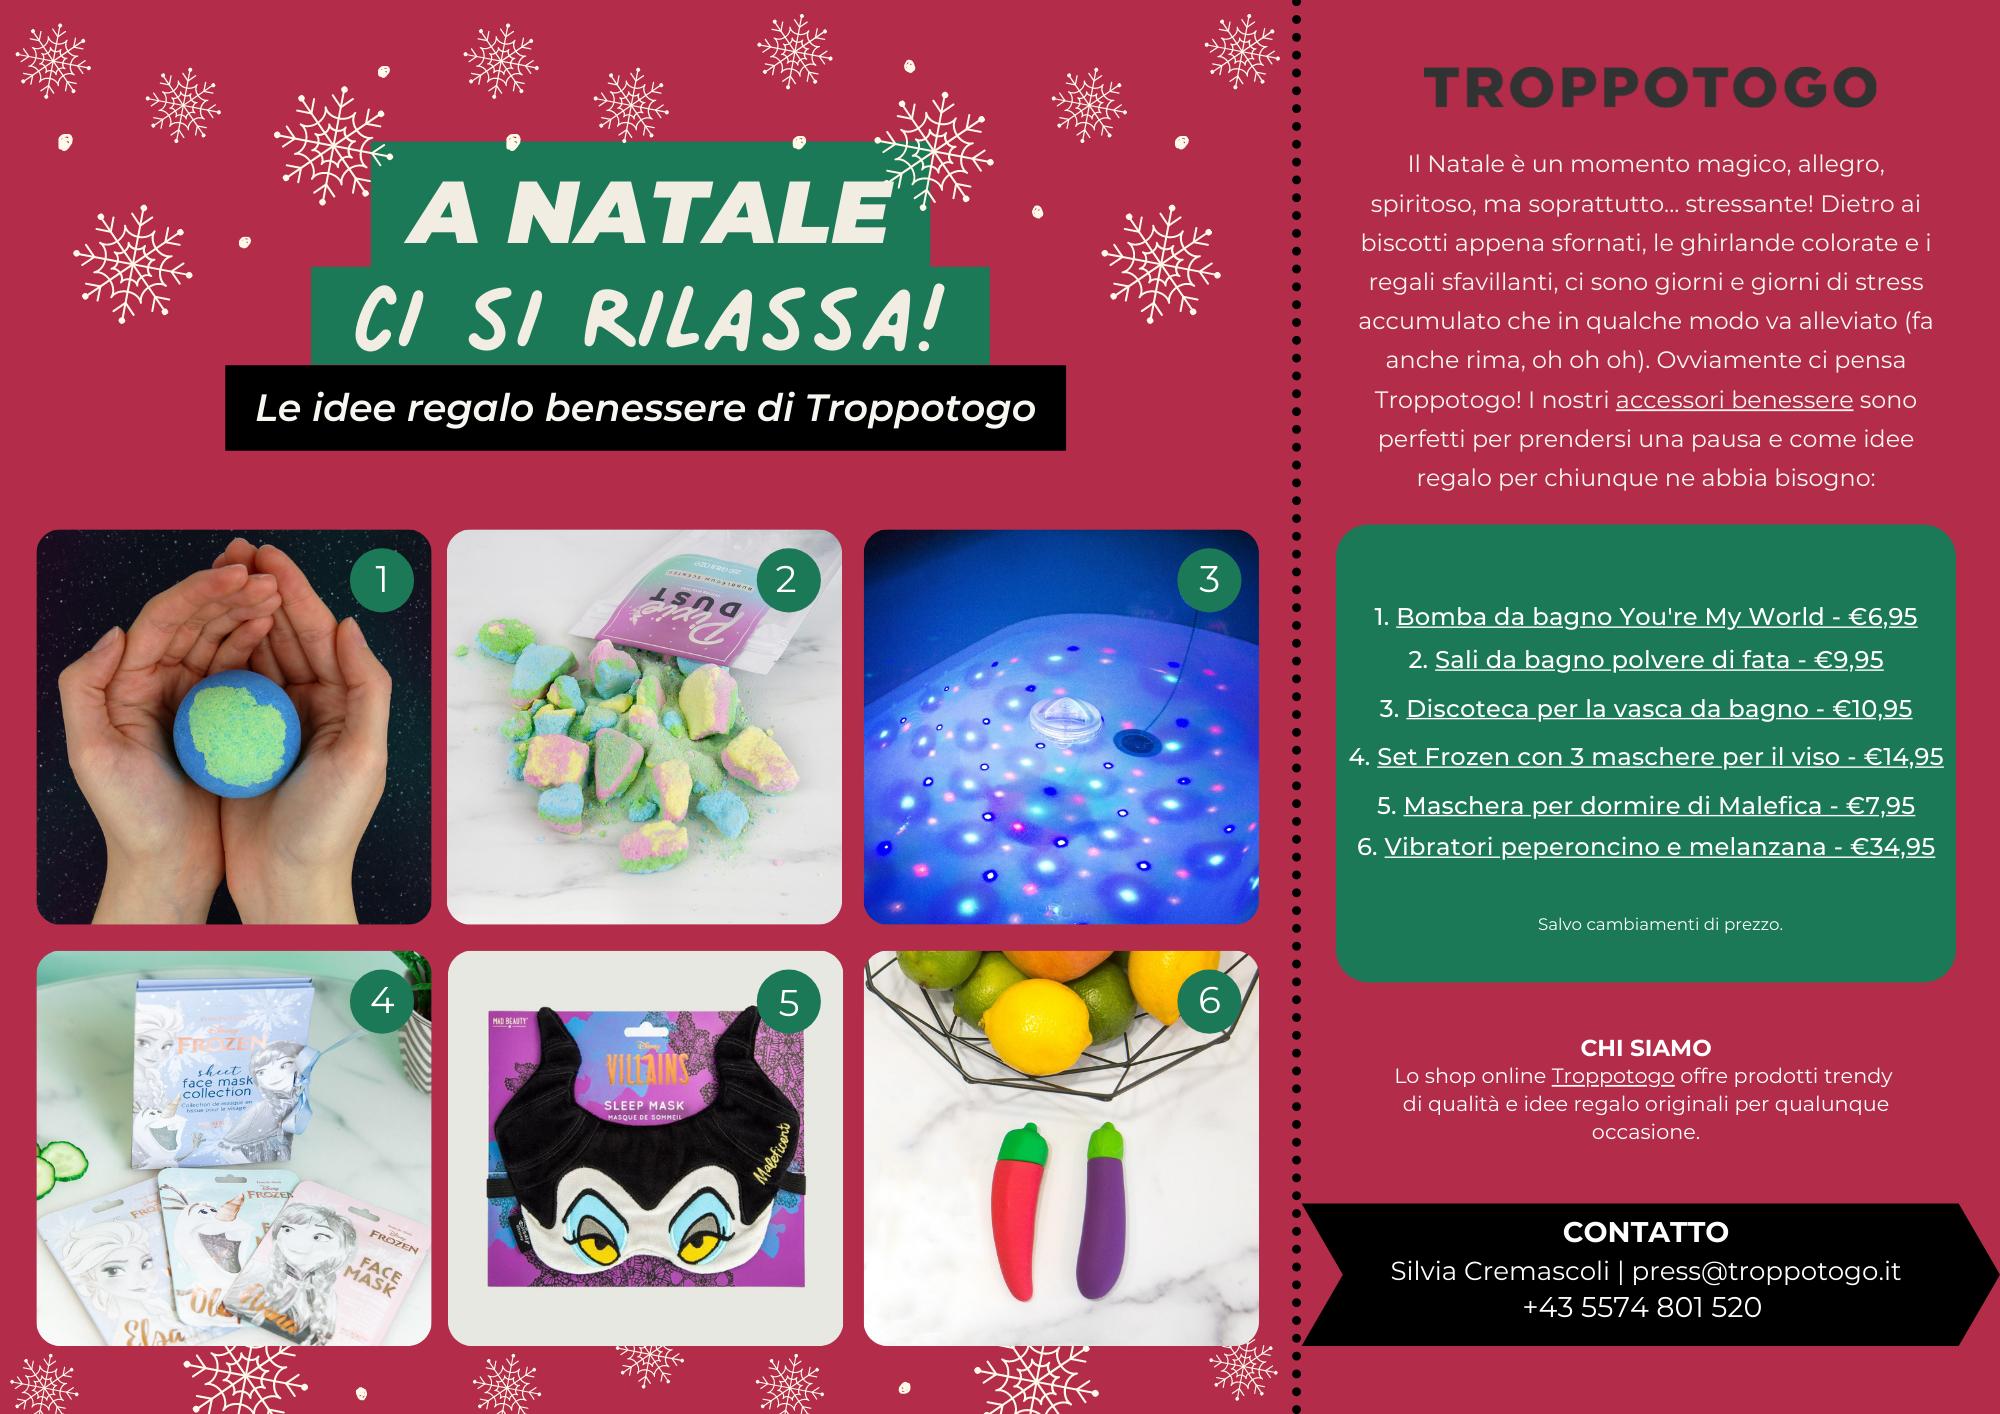 Comunicato Stampa Troppotogo - Idee regalo per un Natale rilassante